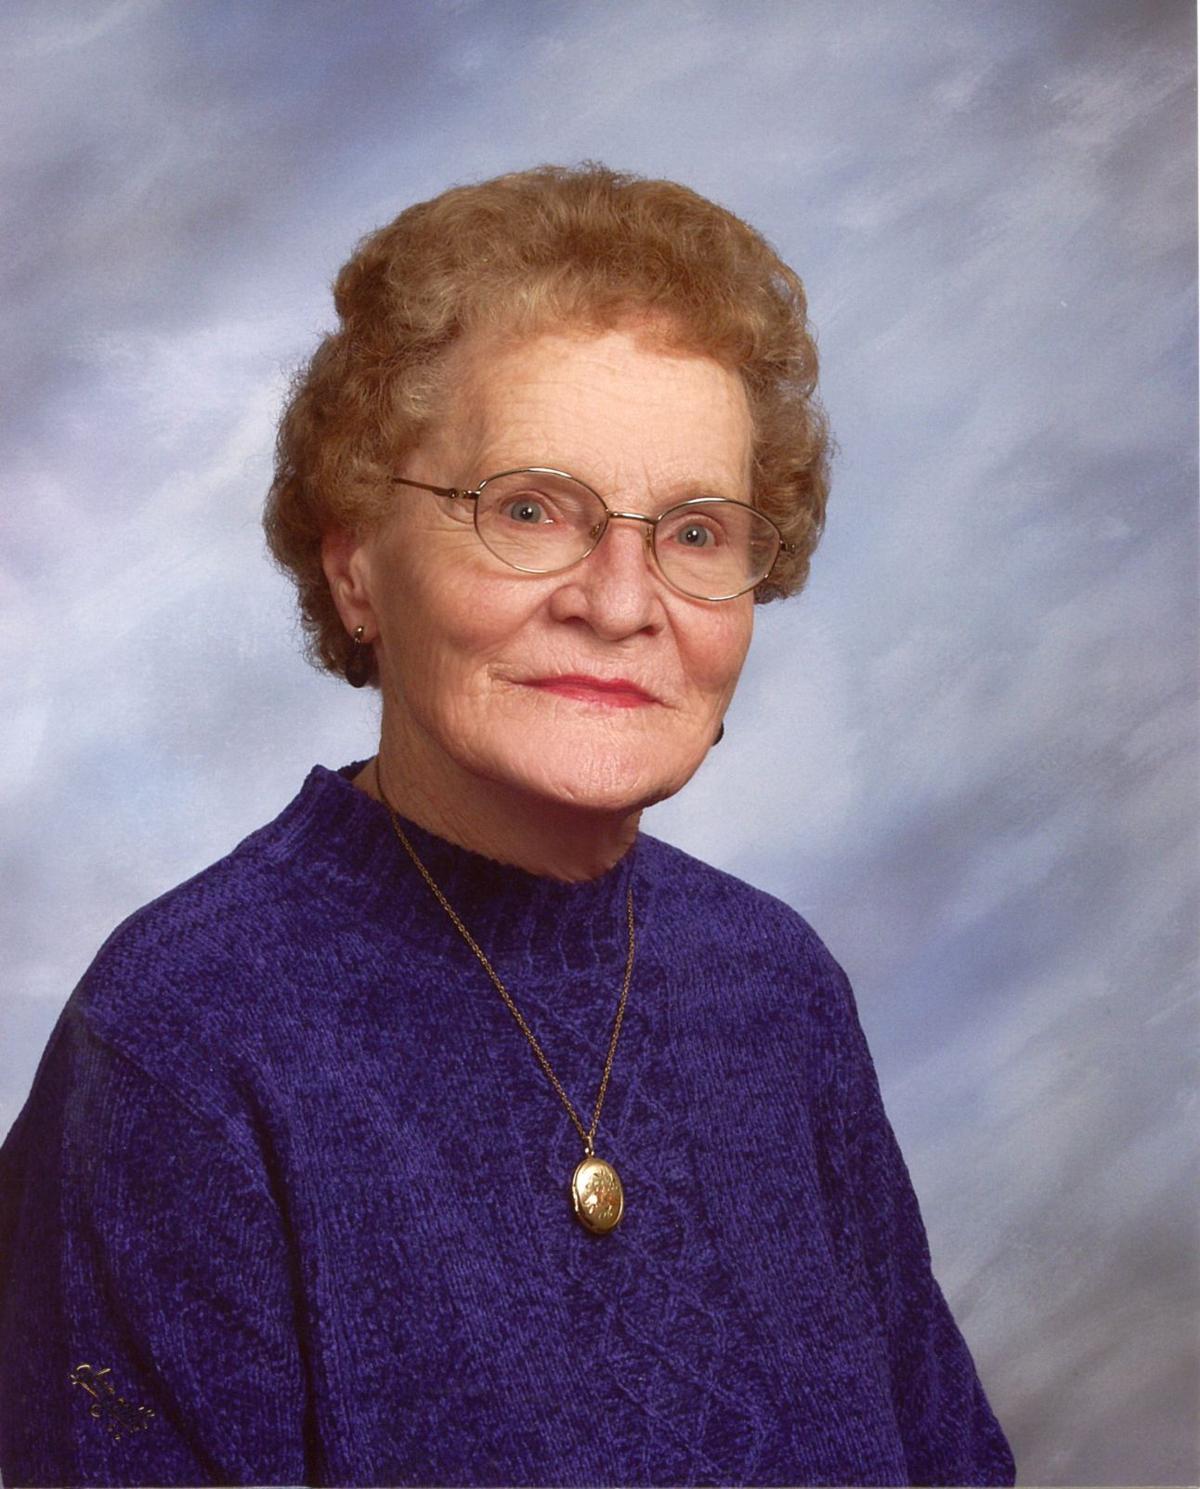 Gertrude E. Tillman